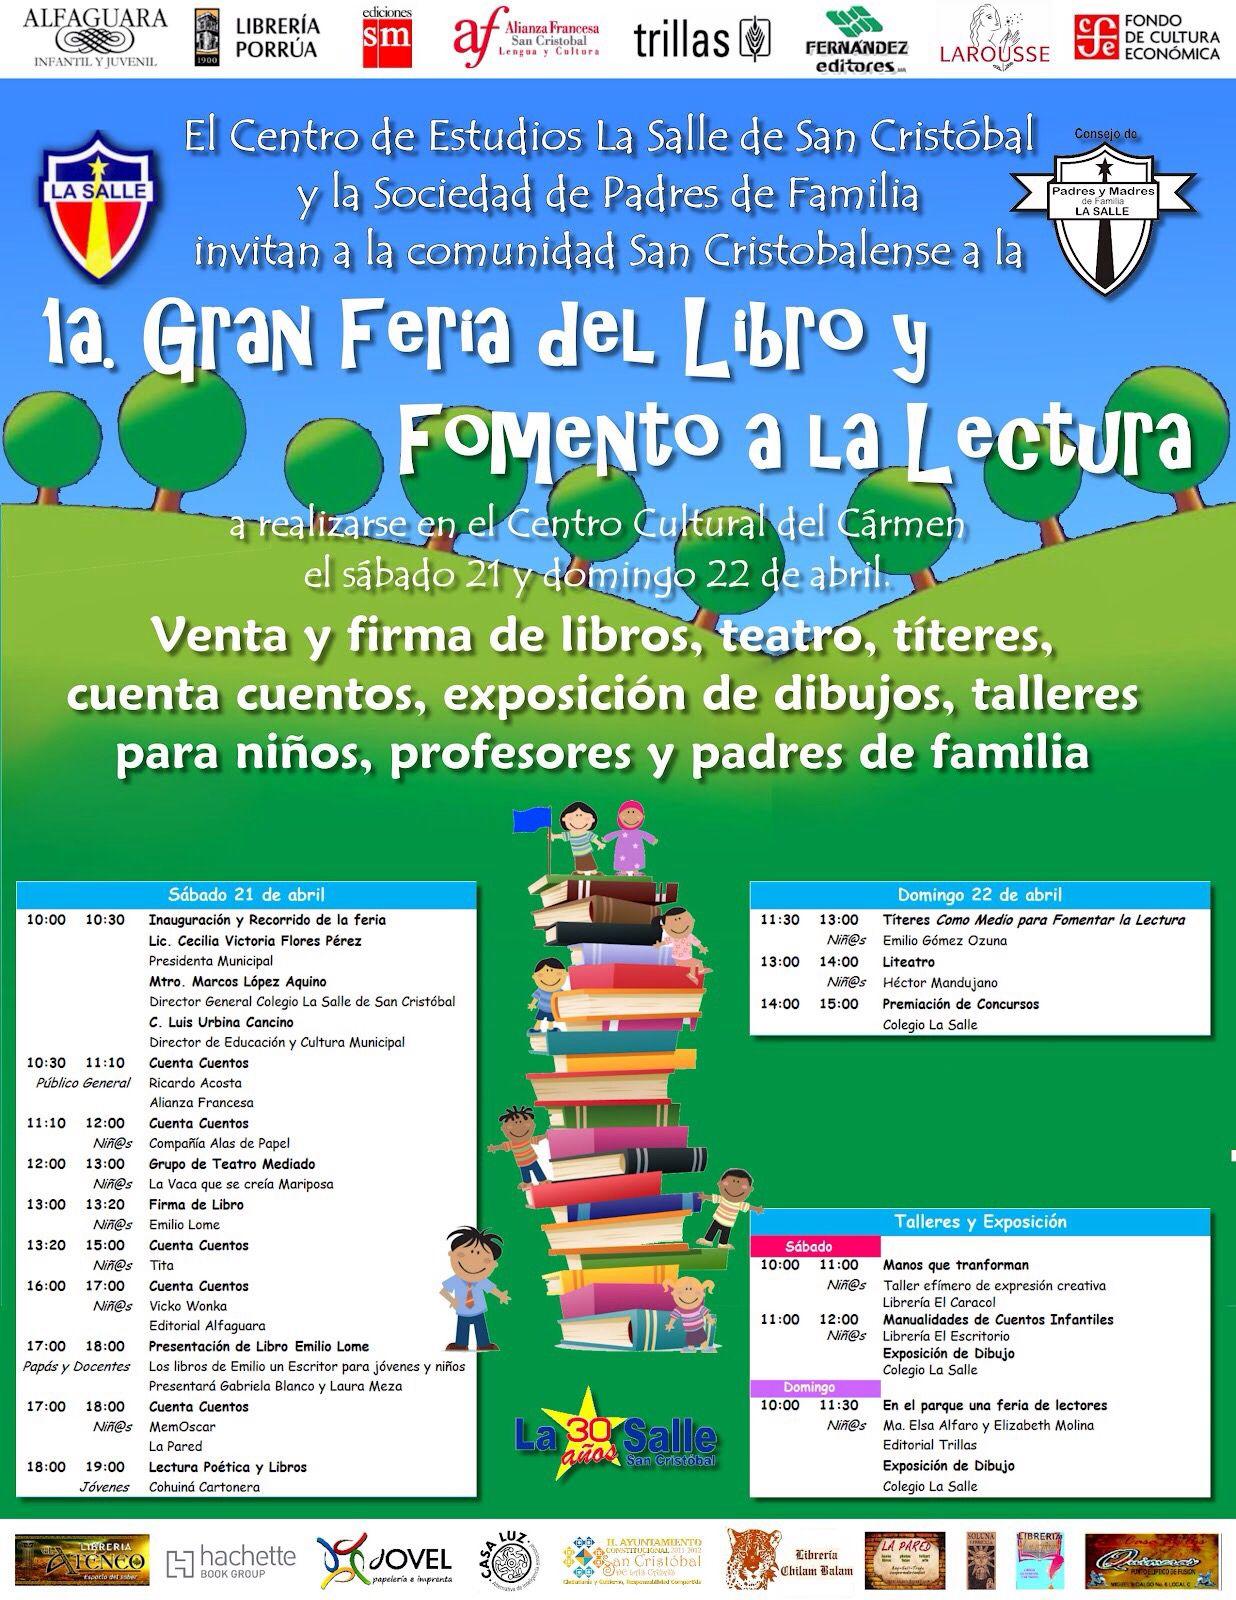 1era Feria del Libro San Cristóbal #el comienzo de un gran proyecto